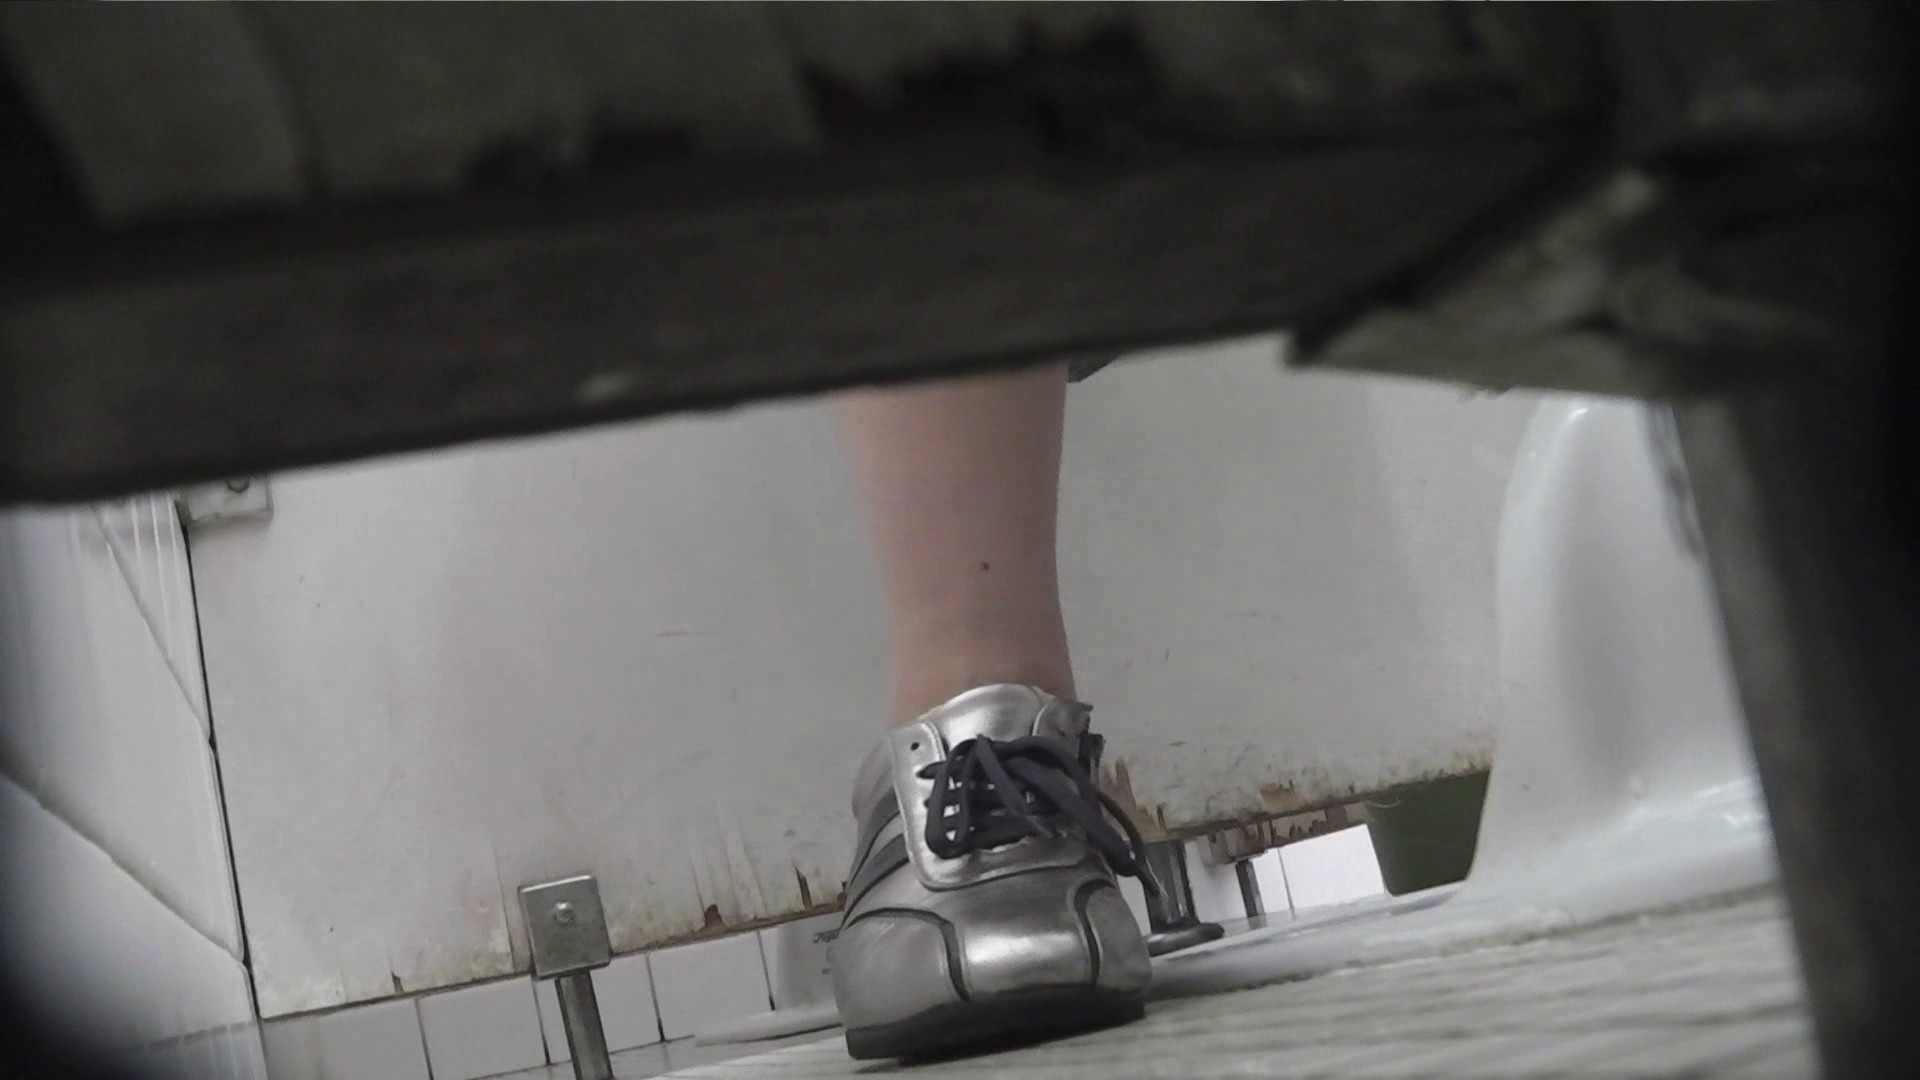 vol.62 命がけ潜伏洗面所! クパ~しながら放水してみた ギャルズ   高画質動画  46画像 36